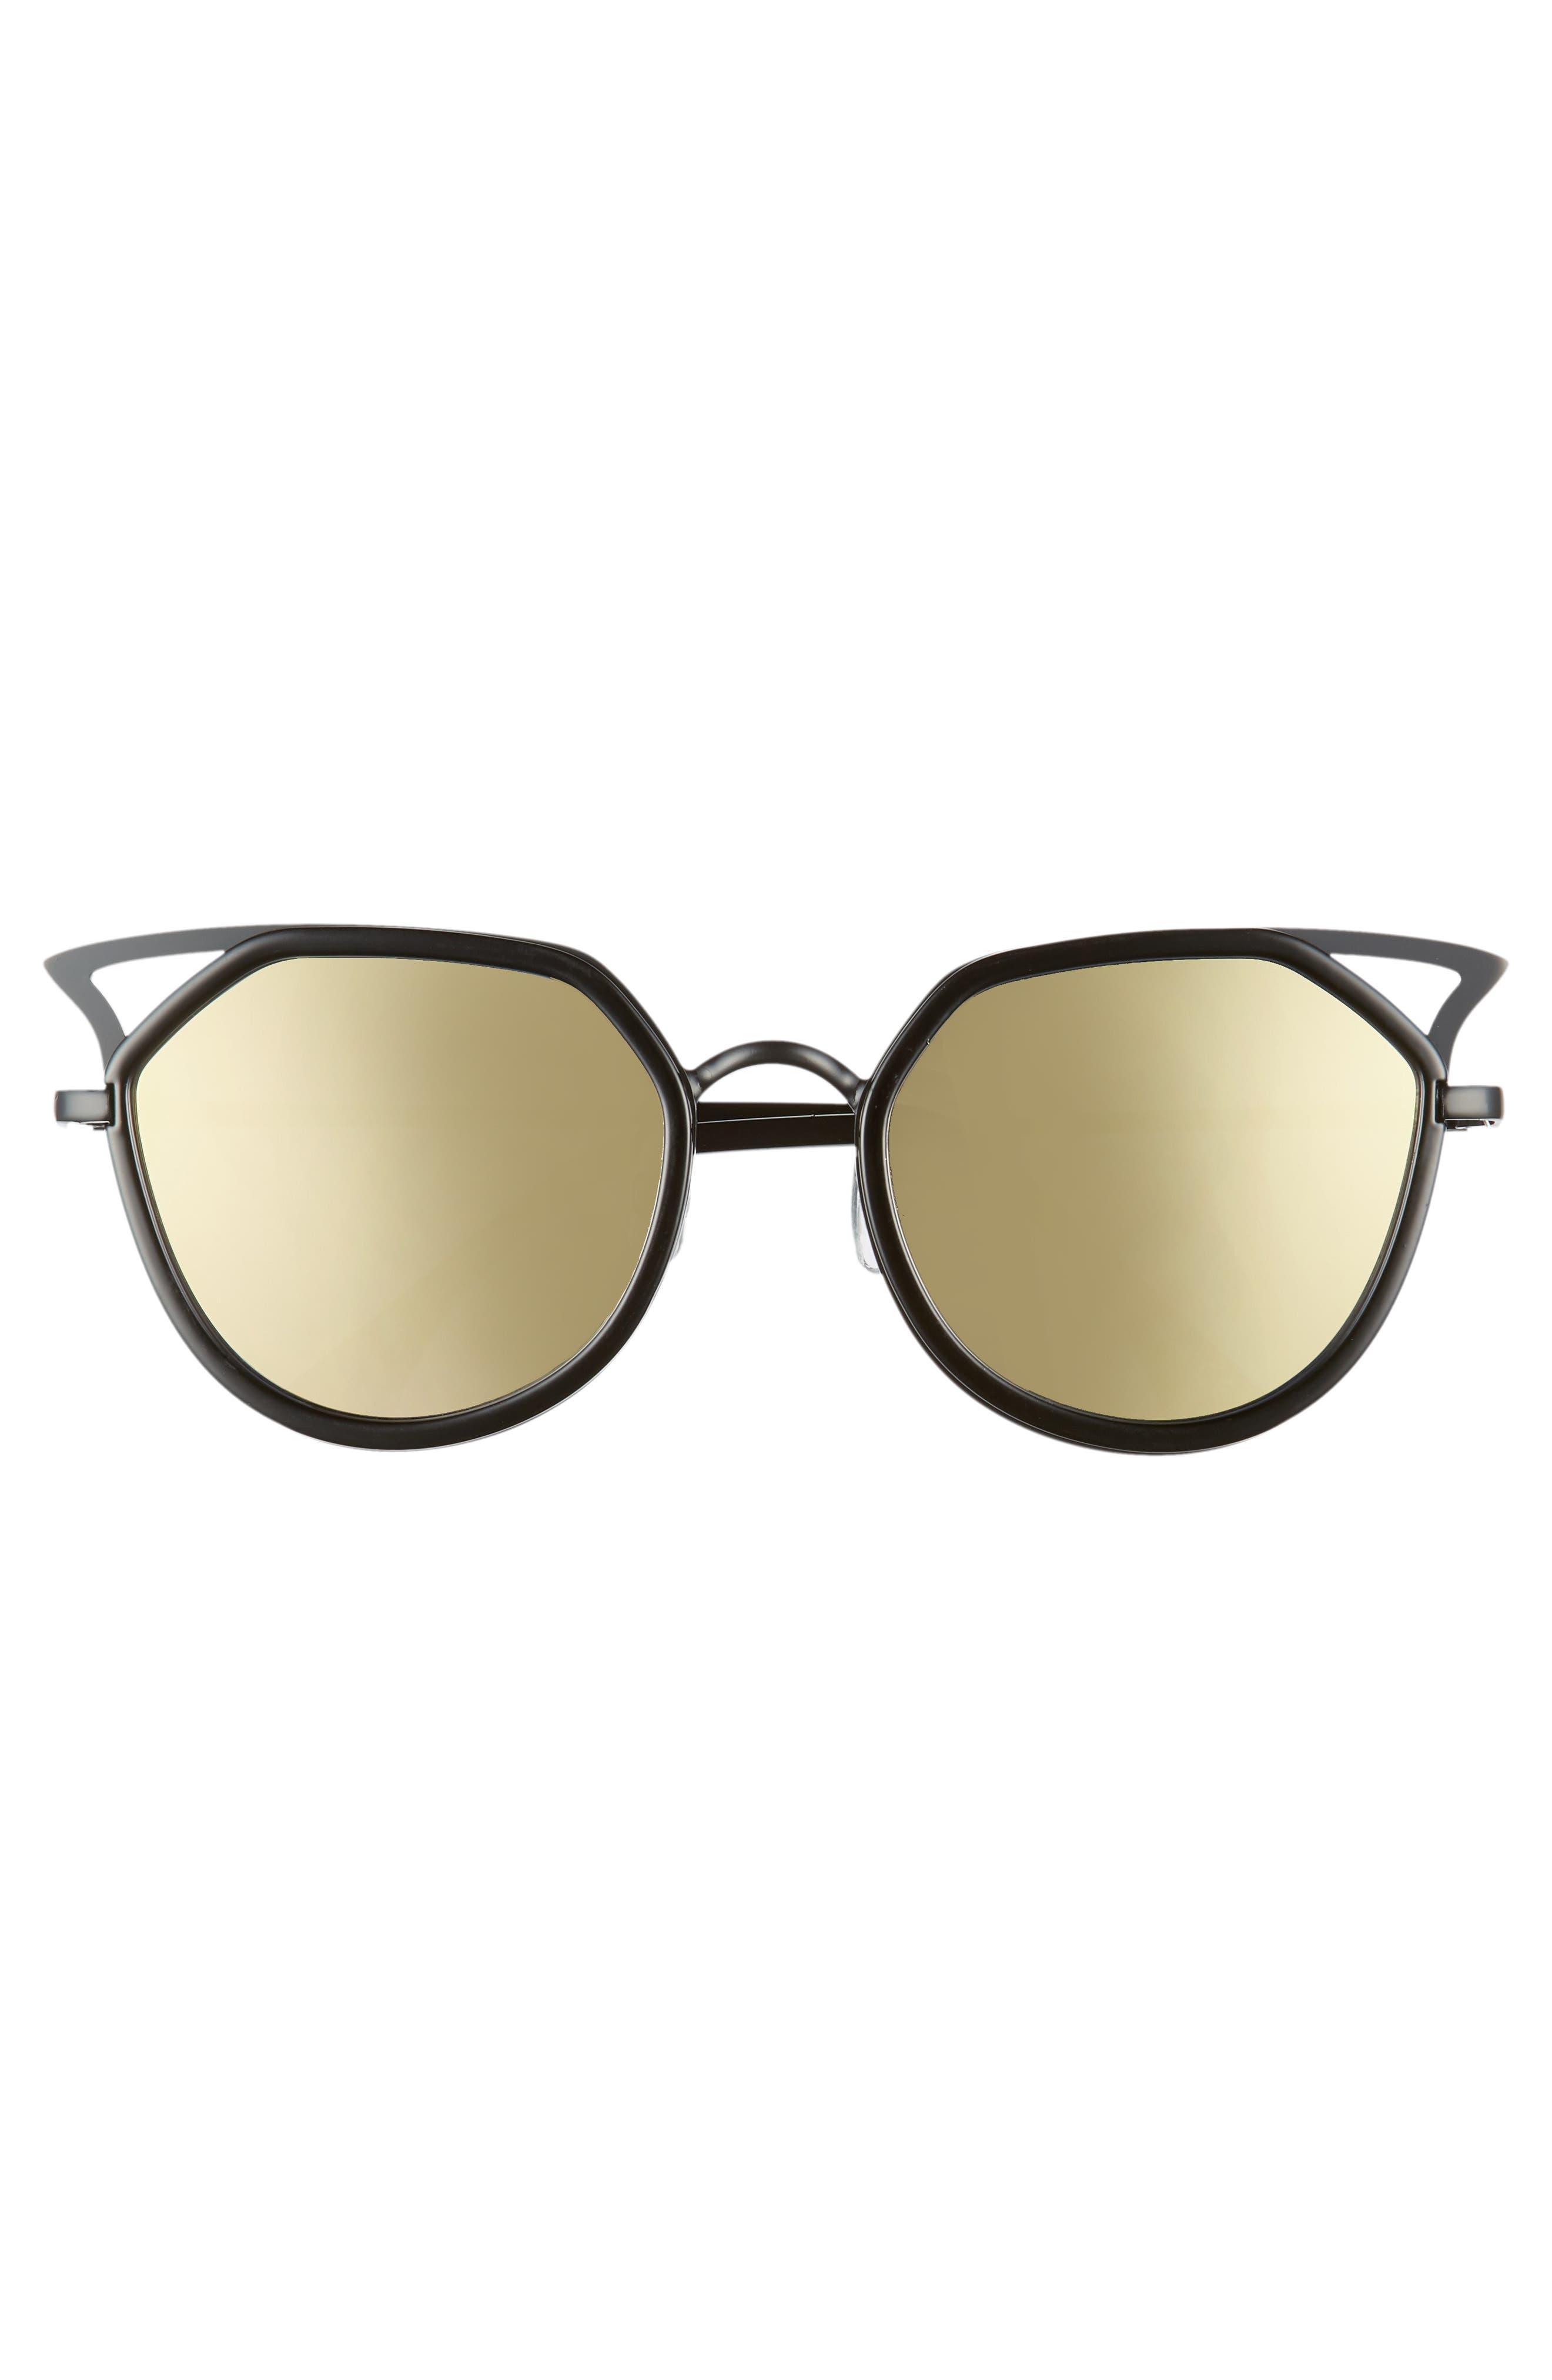 Satellite 60mm Cat Eye Sunglasses,                             Alternate thumbnail 3, color,                             001